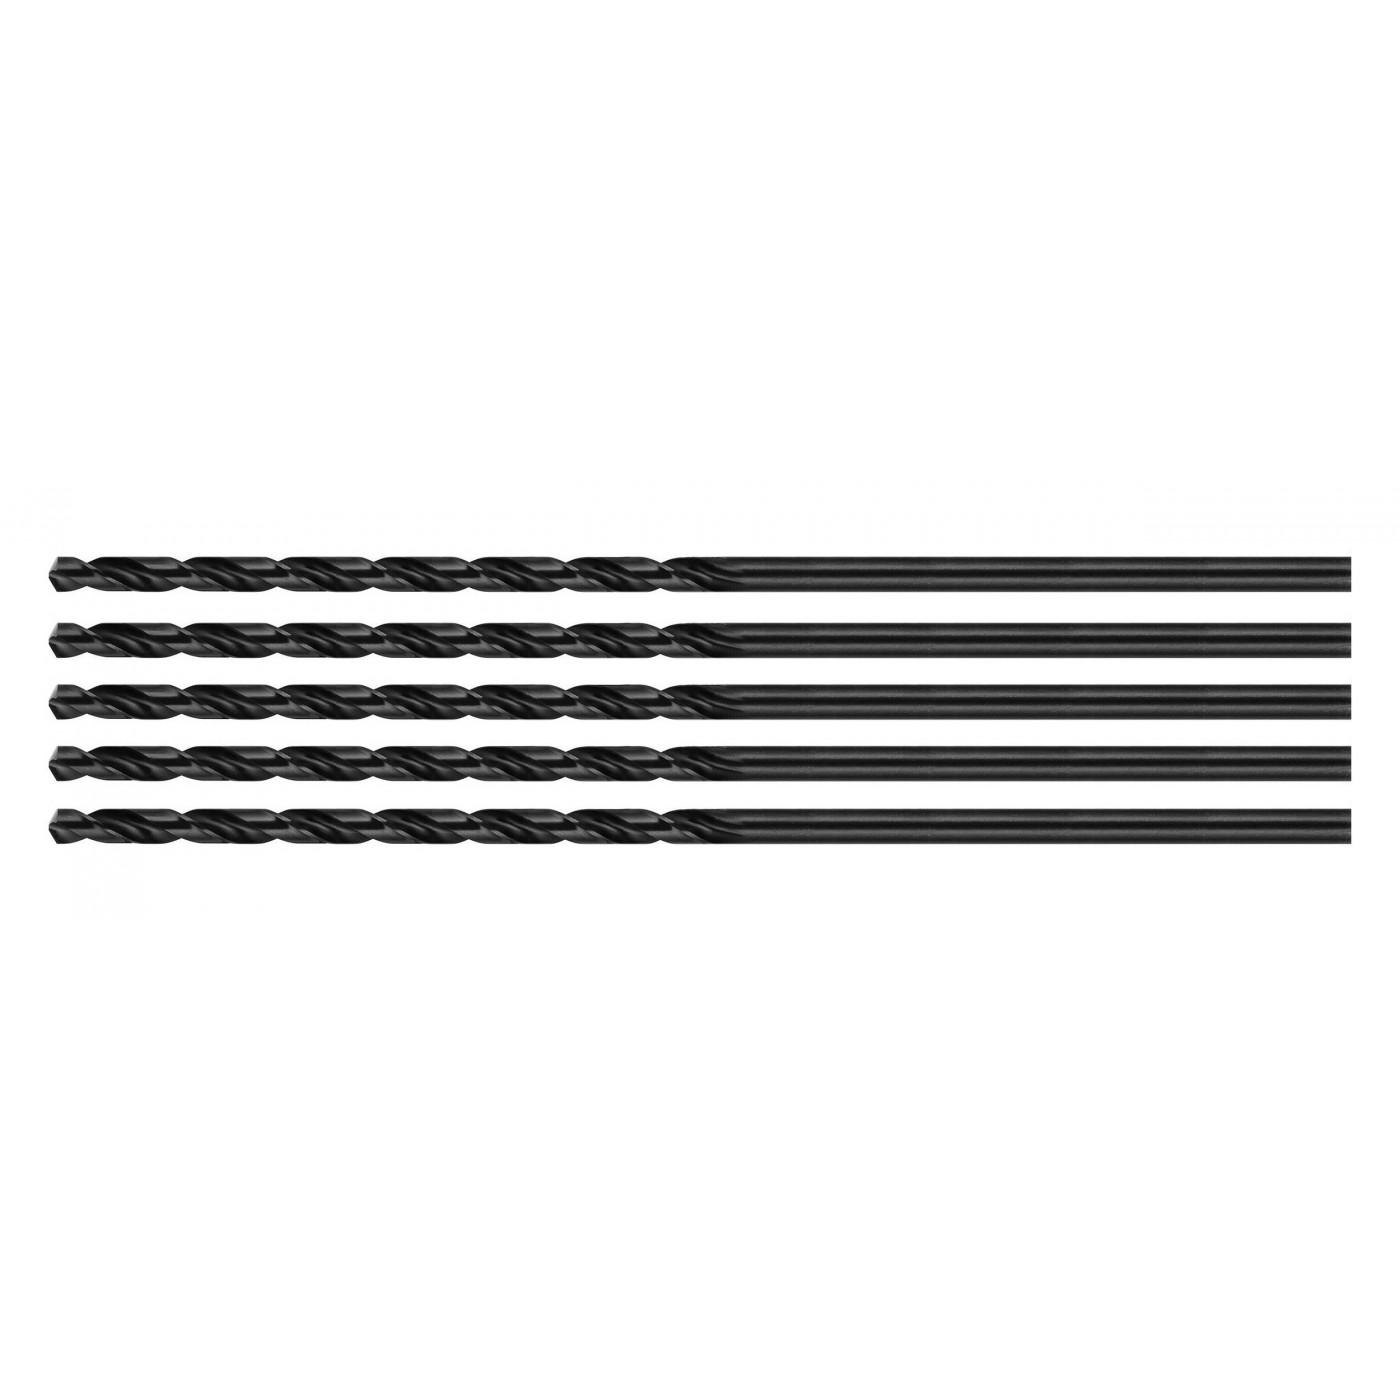 Set von 5 Metallbohrern (HSS, 3,0x200 mm)  - 1